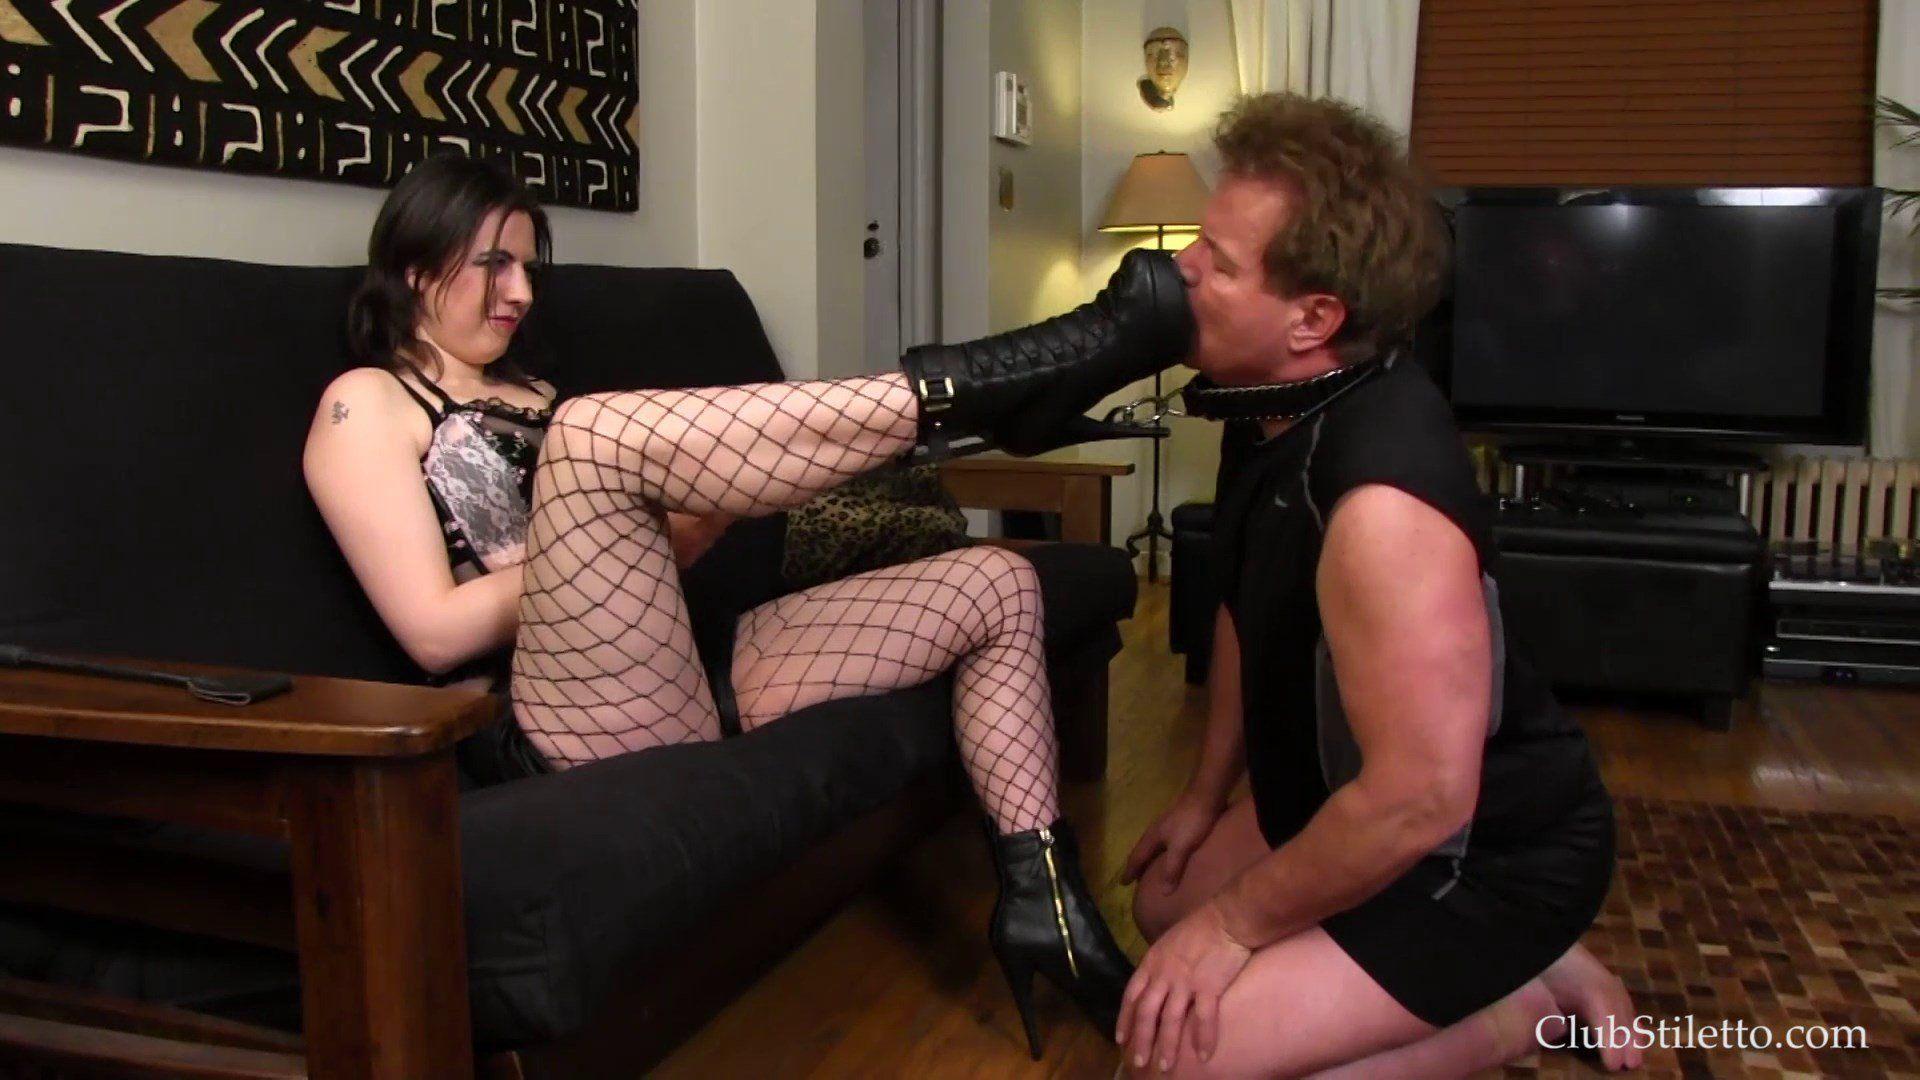 Father fucks daughter porno